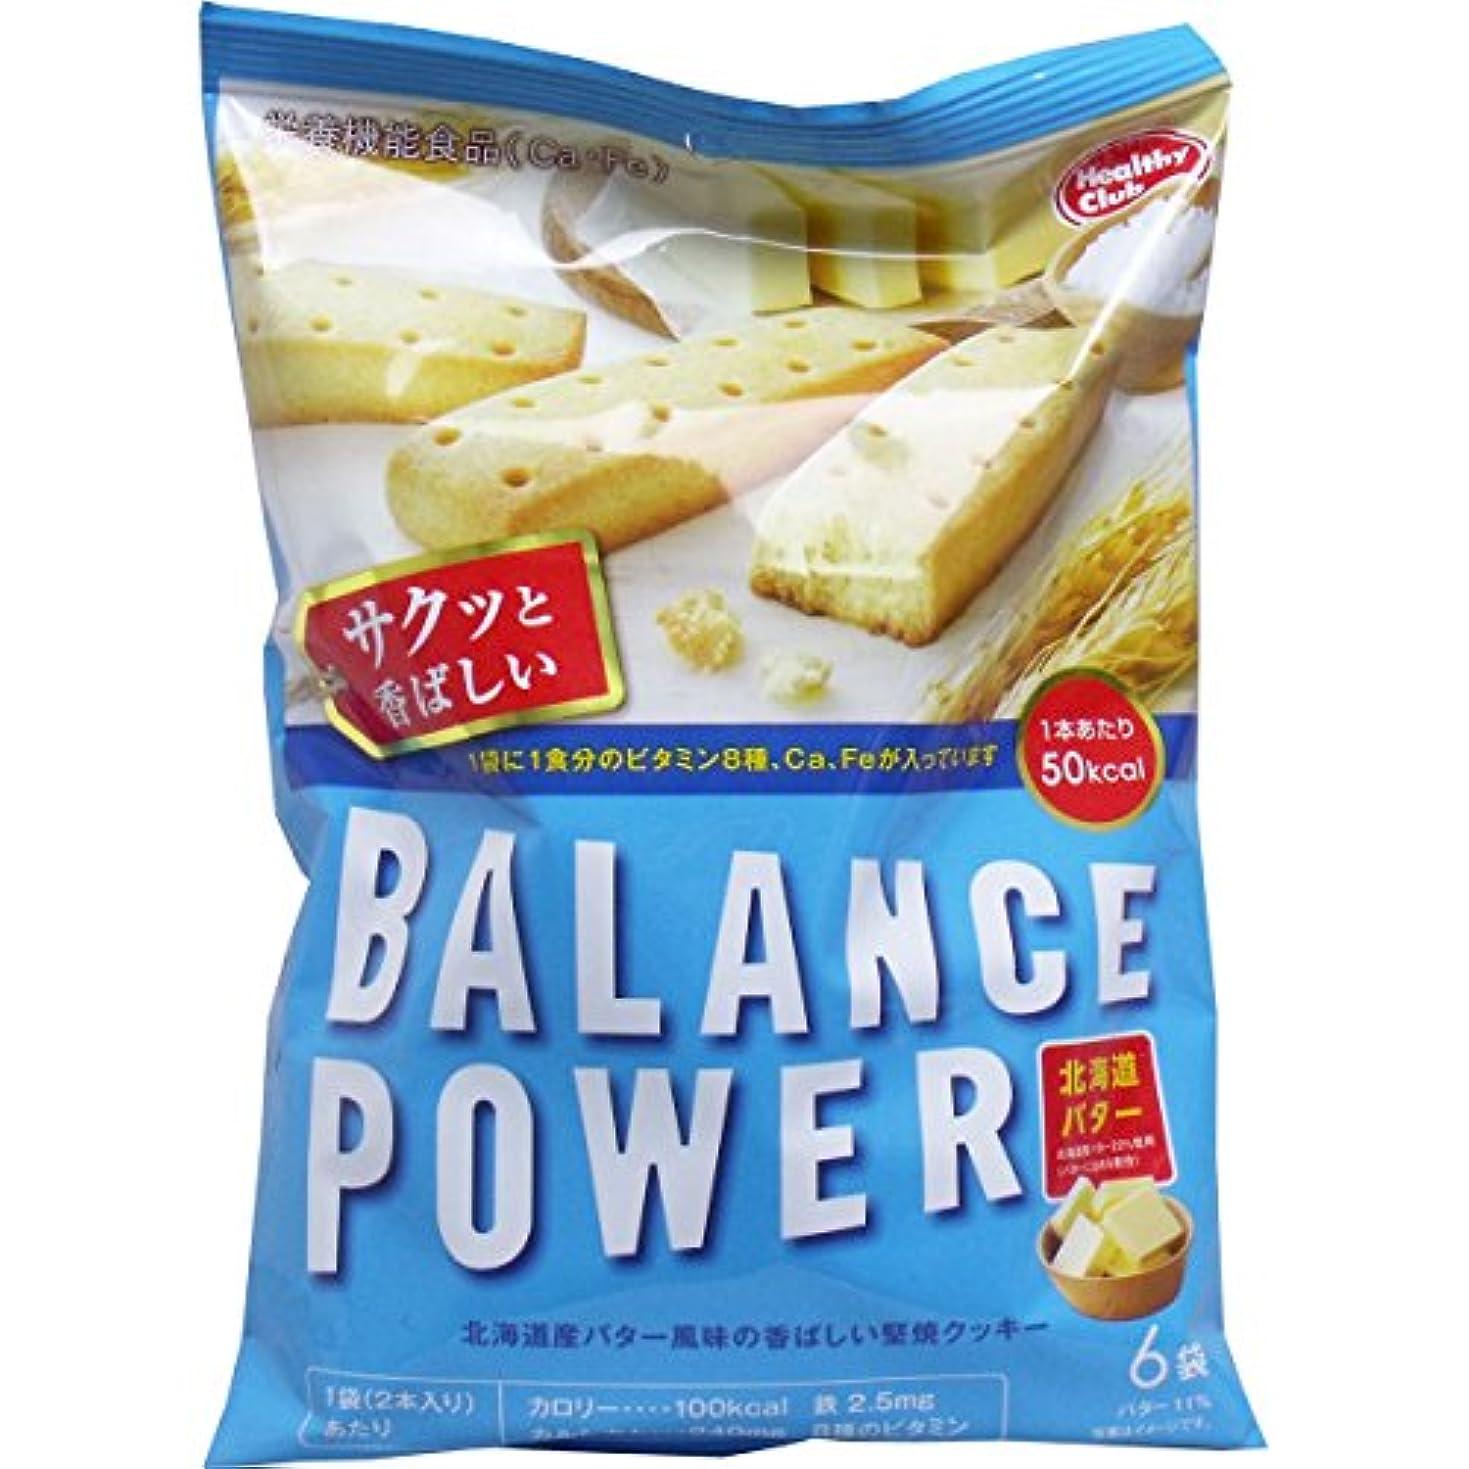 定期的に改修器用バランスパワー 北海道バター味 6袋(12本)入